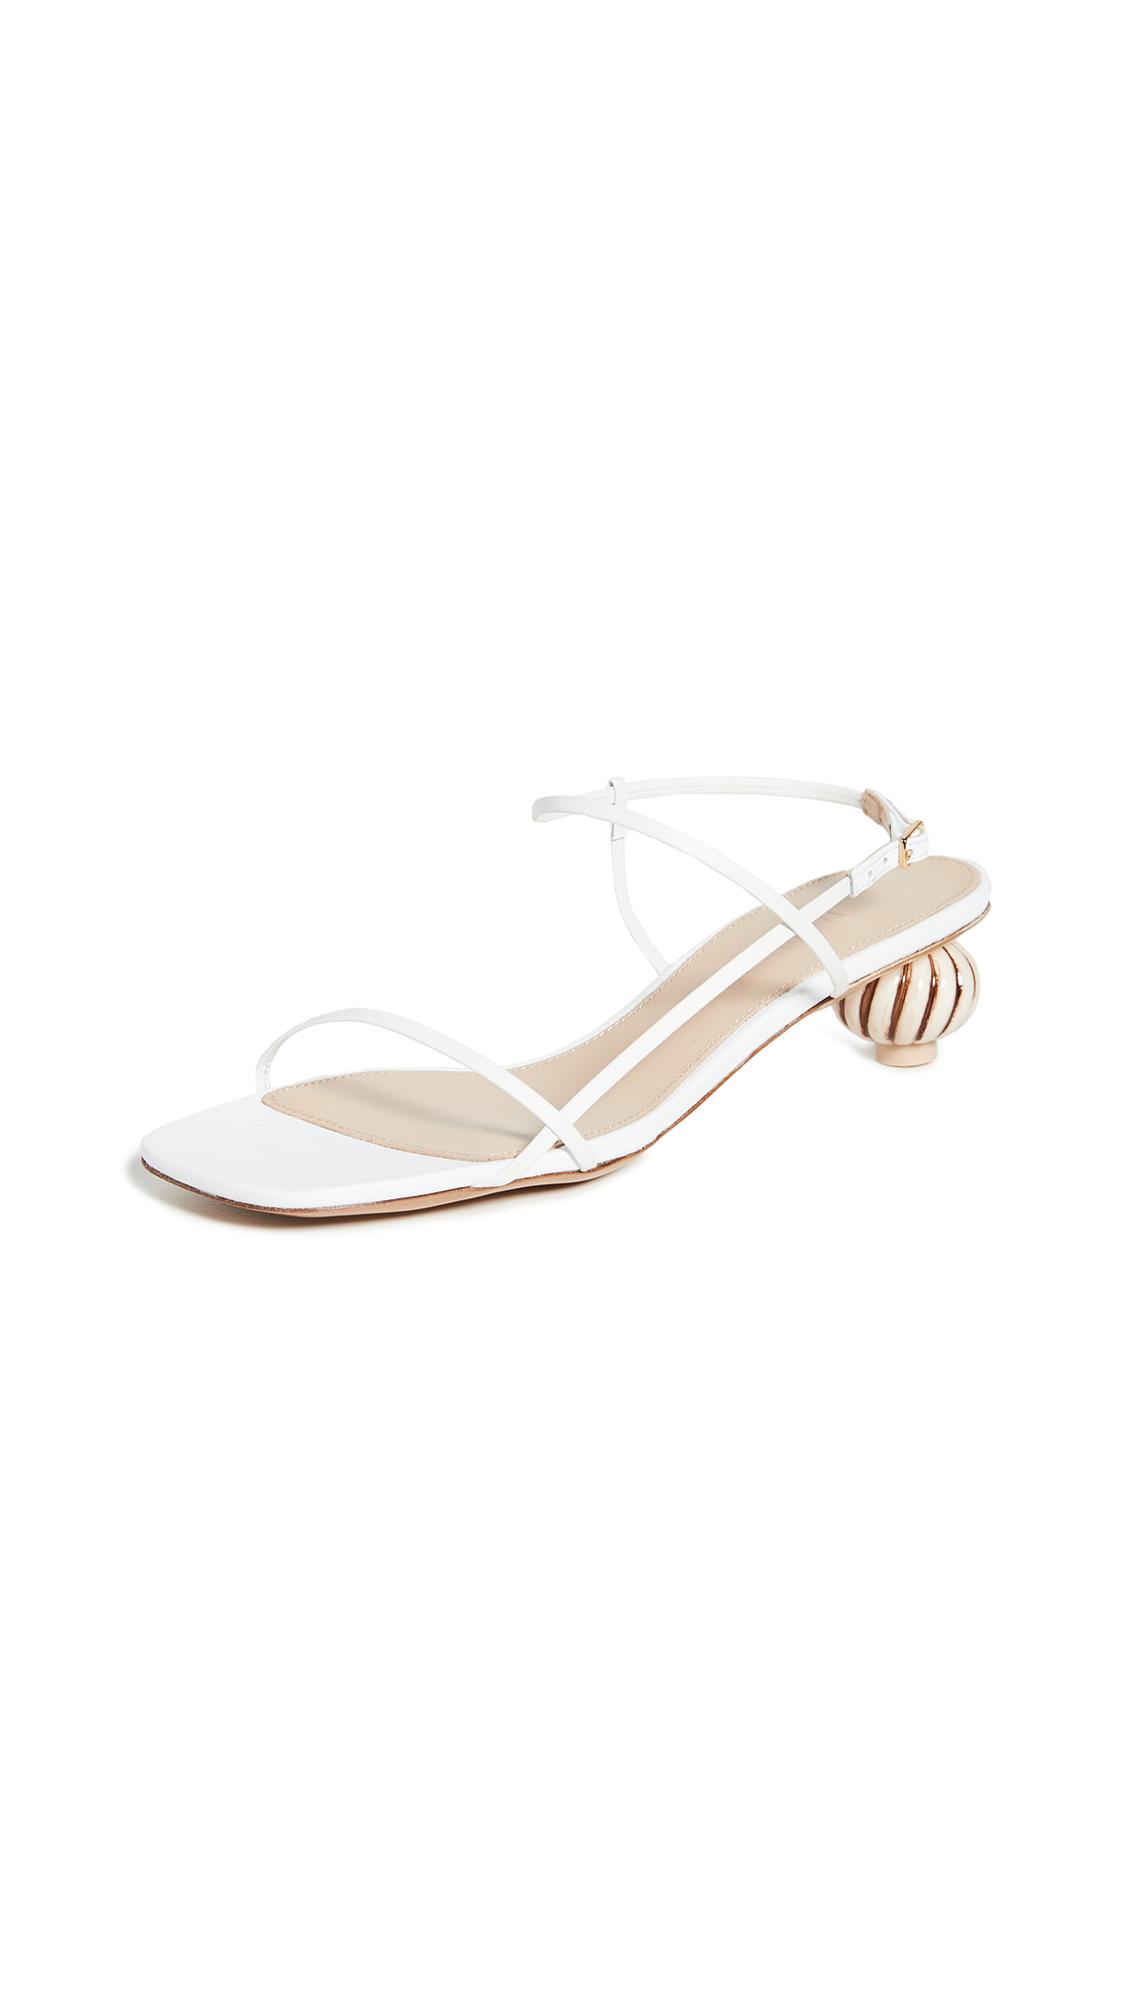 Jacquemus Manosque Sandals – 30% Off Sale